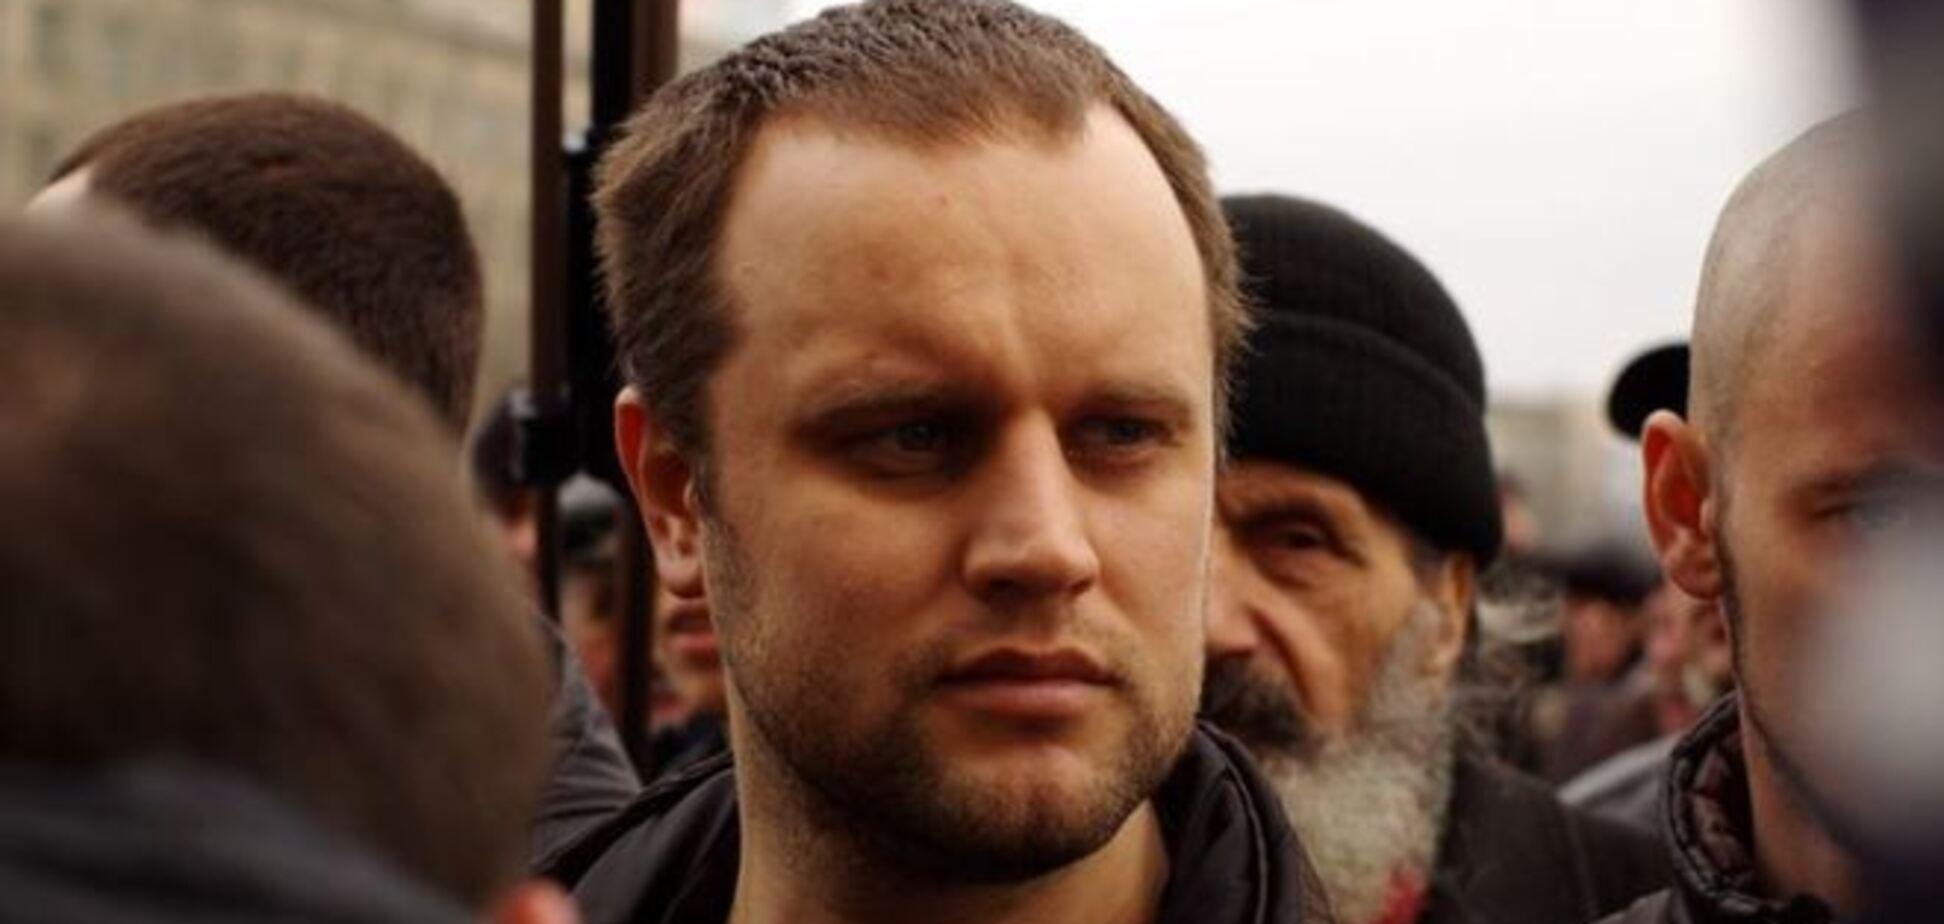 Террористы пригрозили взятием пленных в случае захвата их сторонников